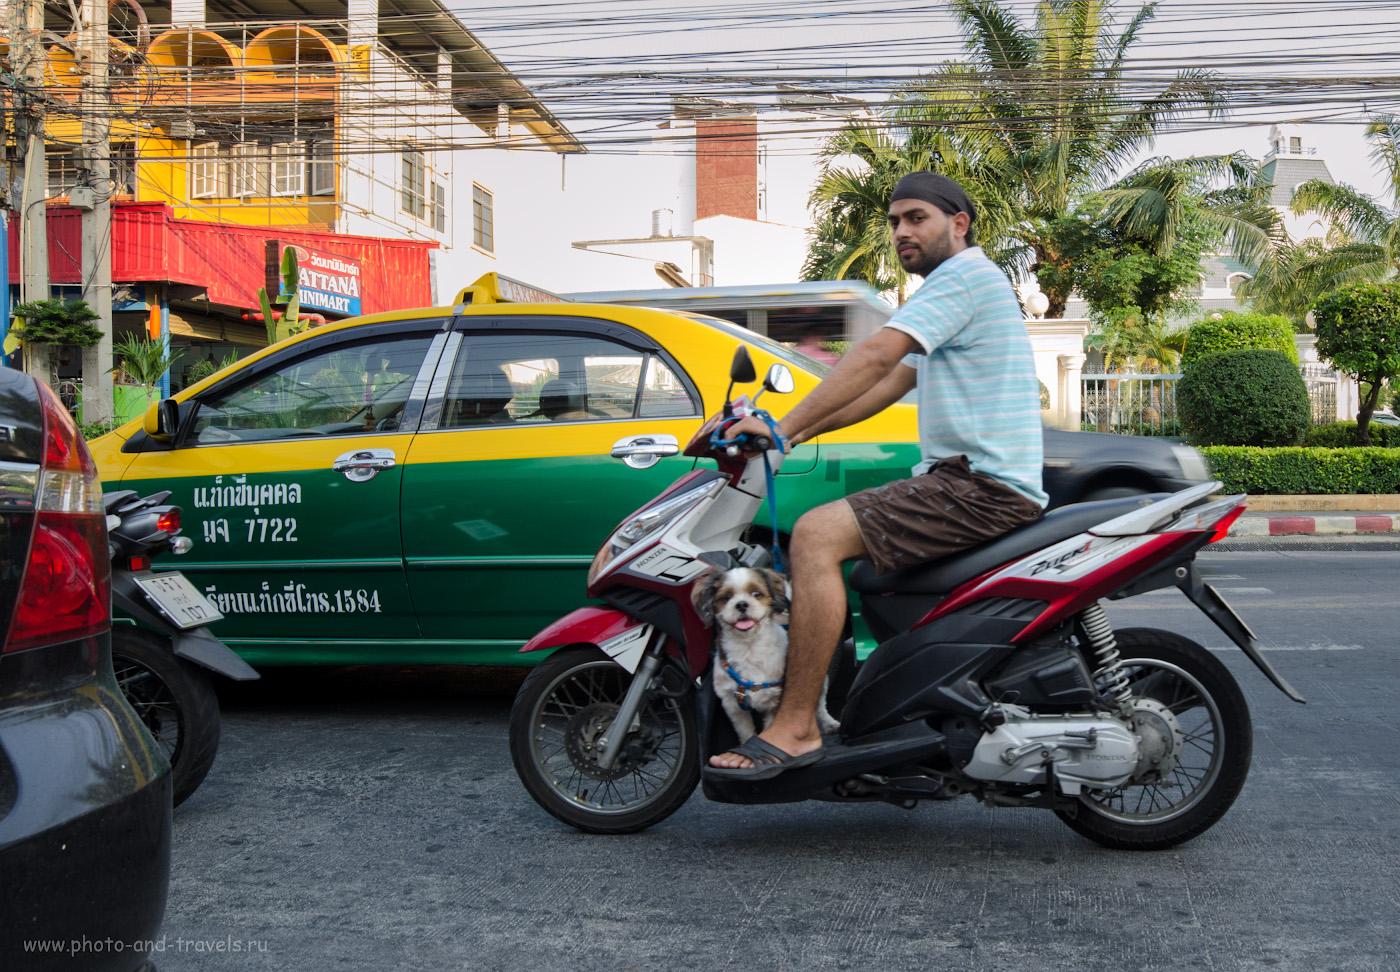 22. Традиционные такси в Паттае окрашены в зелено-желтый цвет. Отзывы туристов о поездке в Таиланд на отдых. Советы. Снято на Никон Д5100 и ширик Самъянг 14мм/2,8. 1/60 сек, А, f/9, 14 мм, 400.